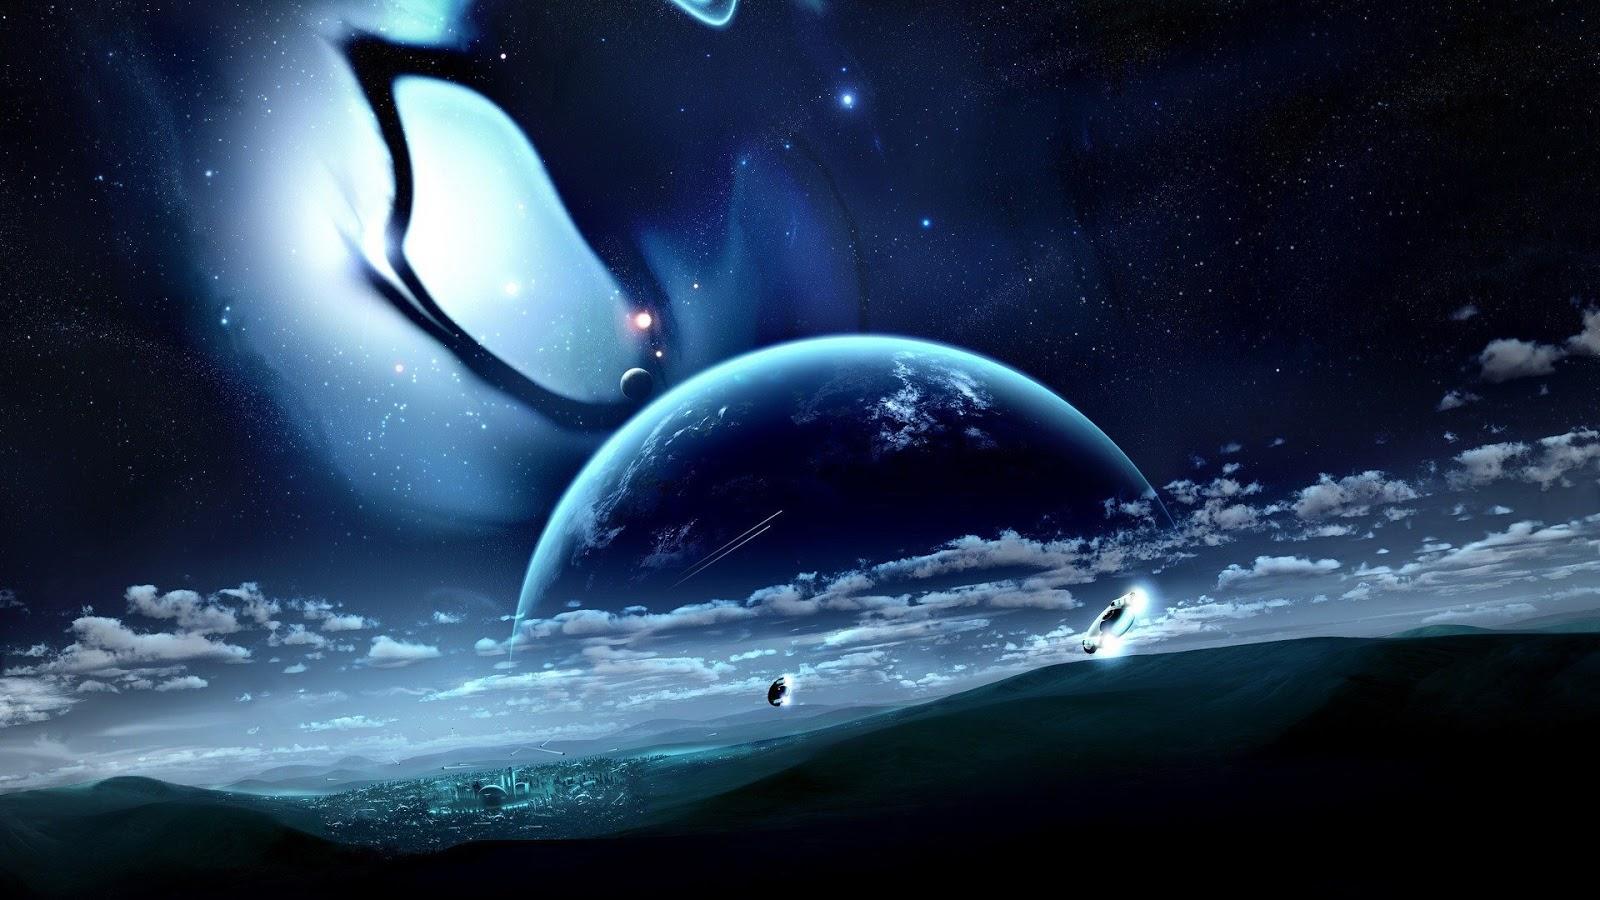 Space wallpapers 2822 29 mükemmel hd uzay duvar kağıtları indirin